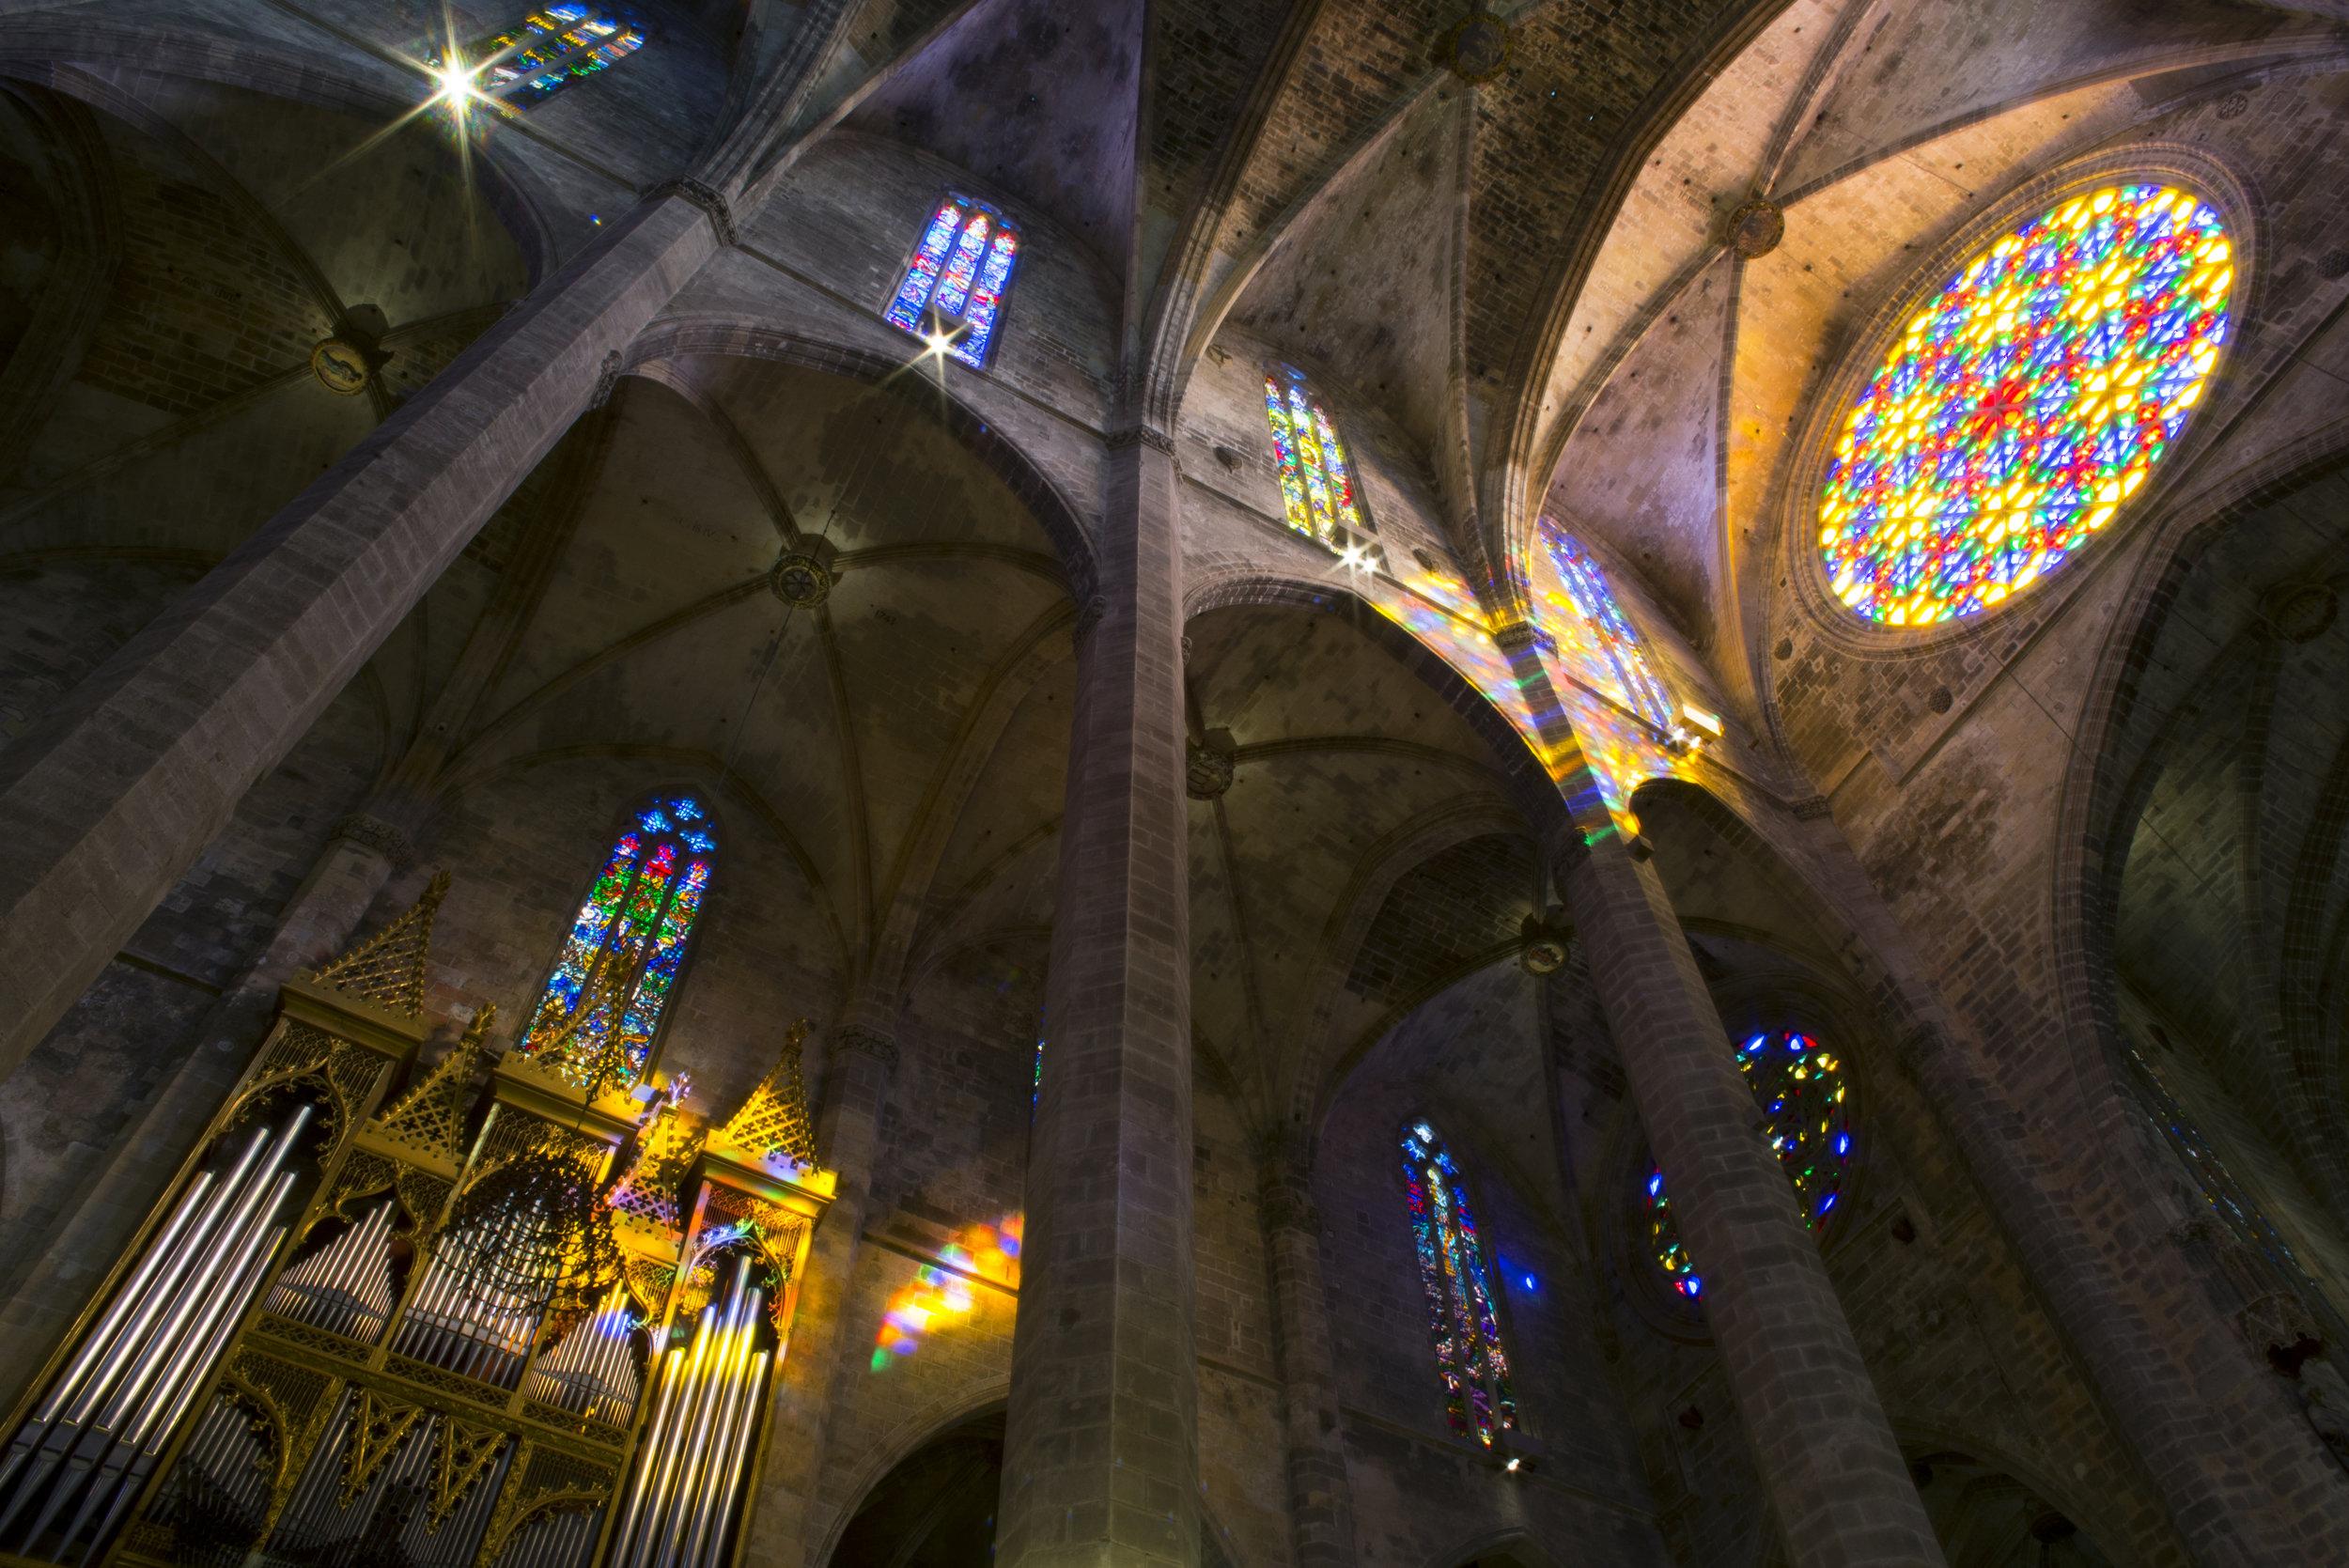 Cathedral of Santa Maria of Palma, Mallorca Spain.